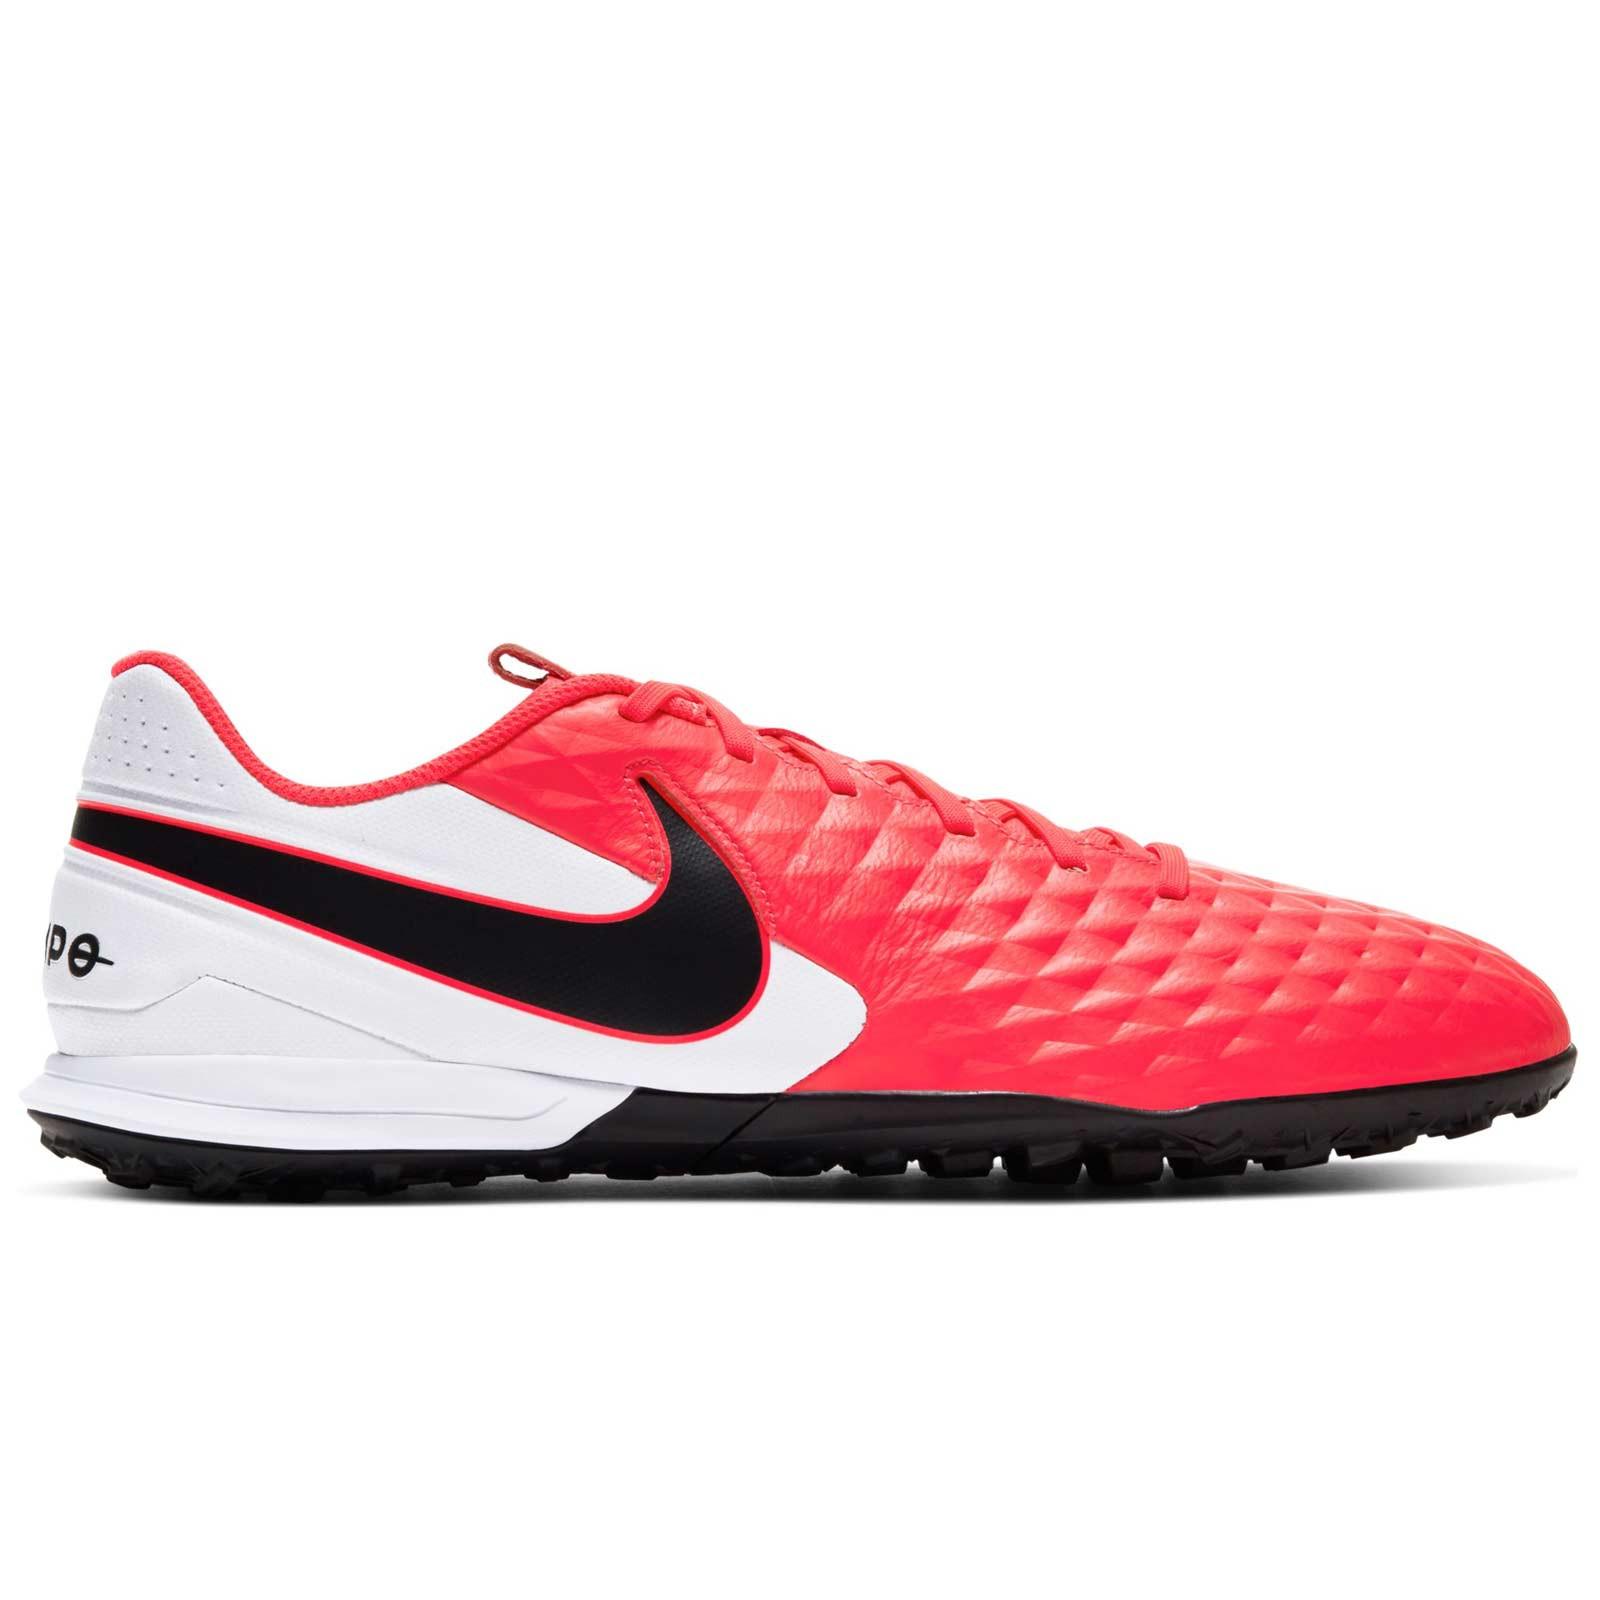 Despido de acuerdo a Condición  Nike Tiempo Legend 8 Academy TF rosa blanco   futbolmania